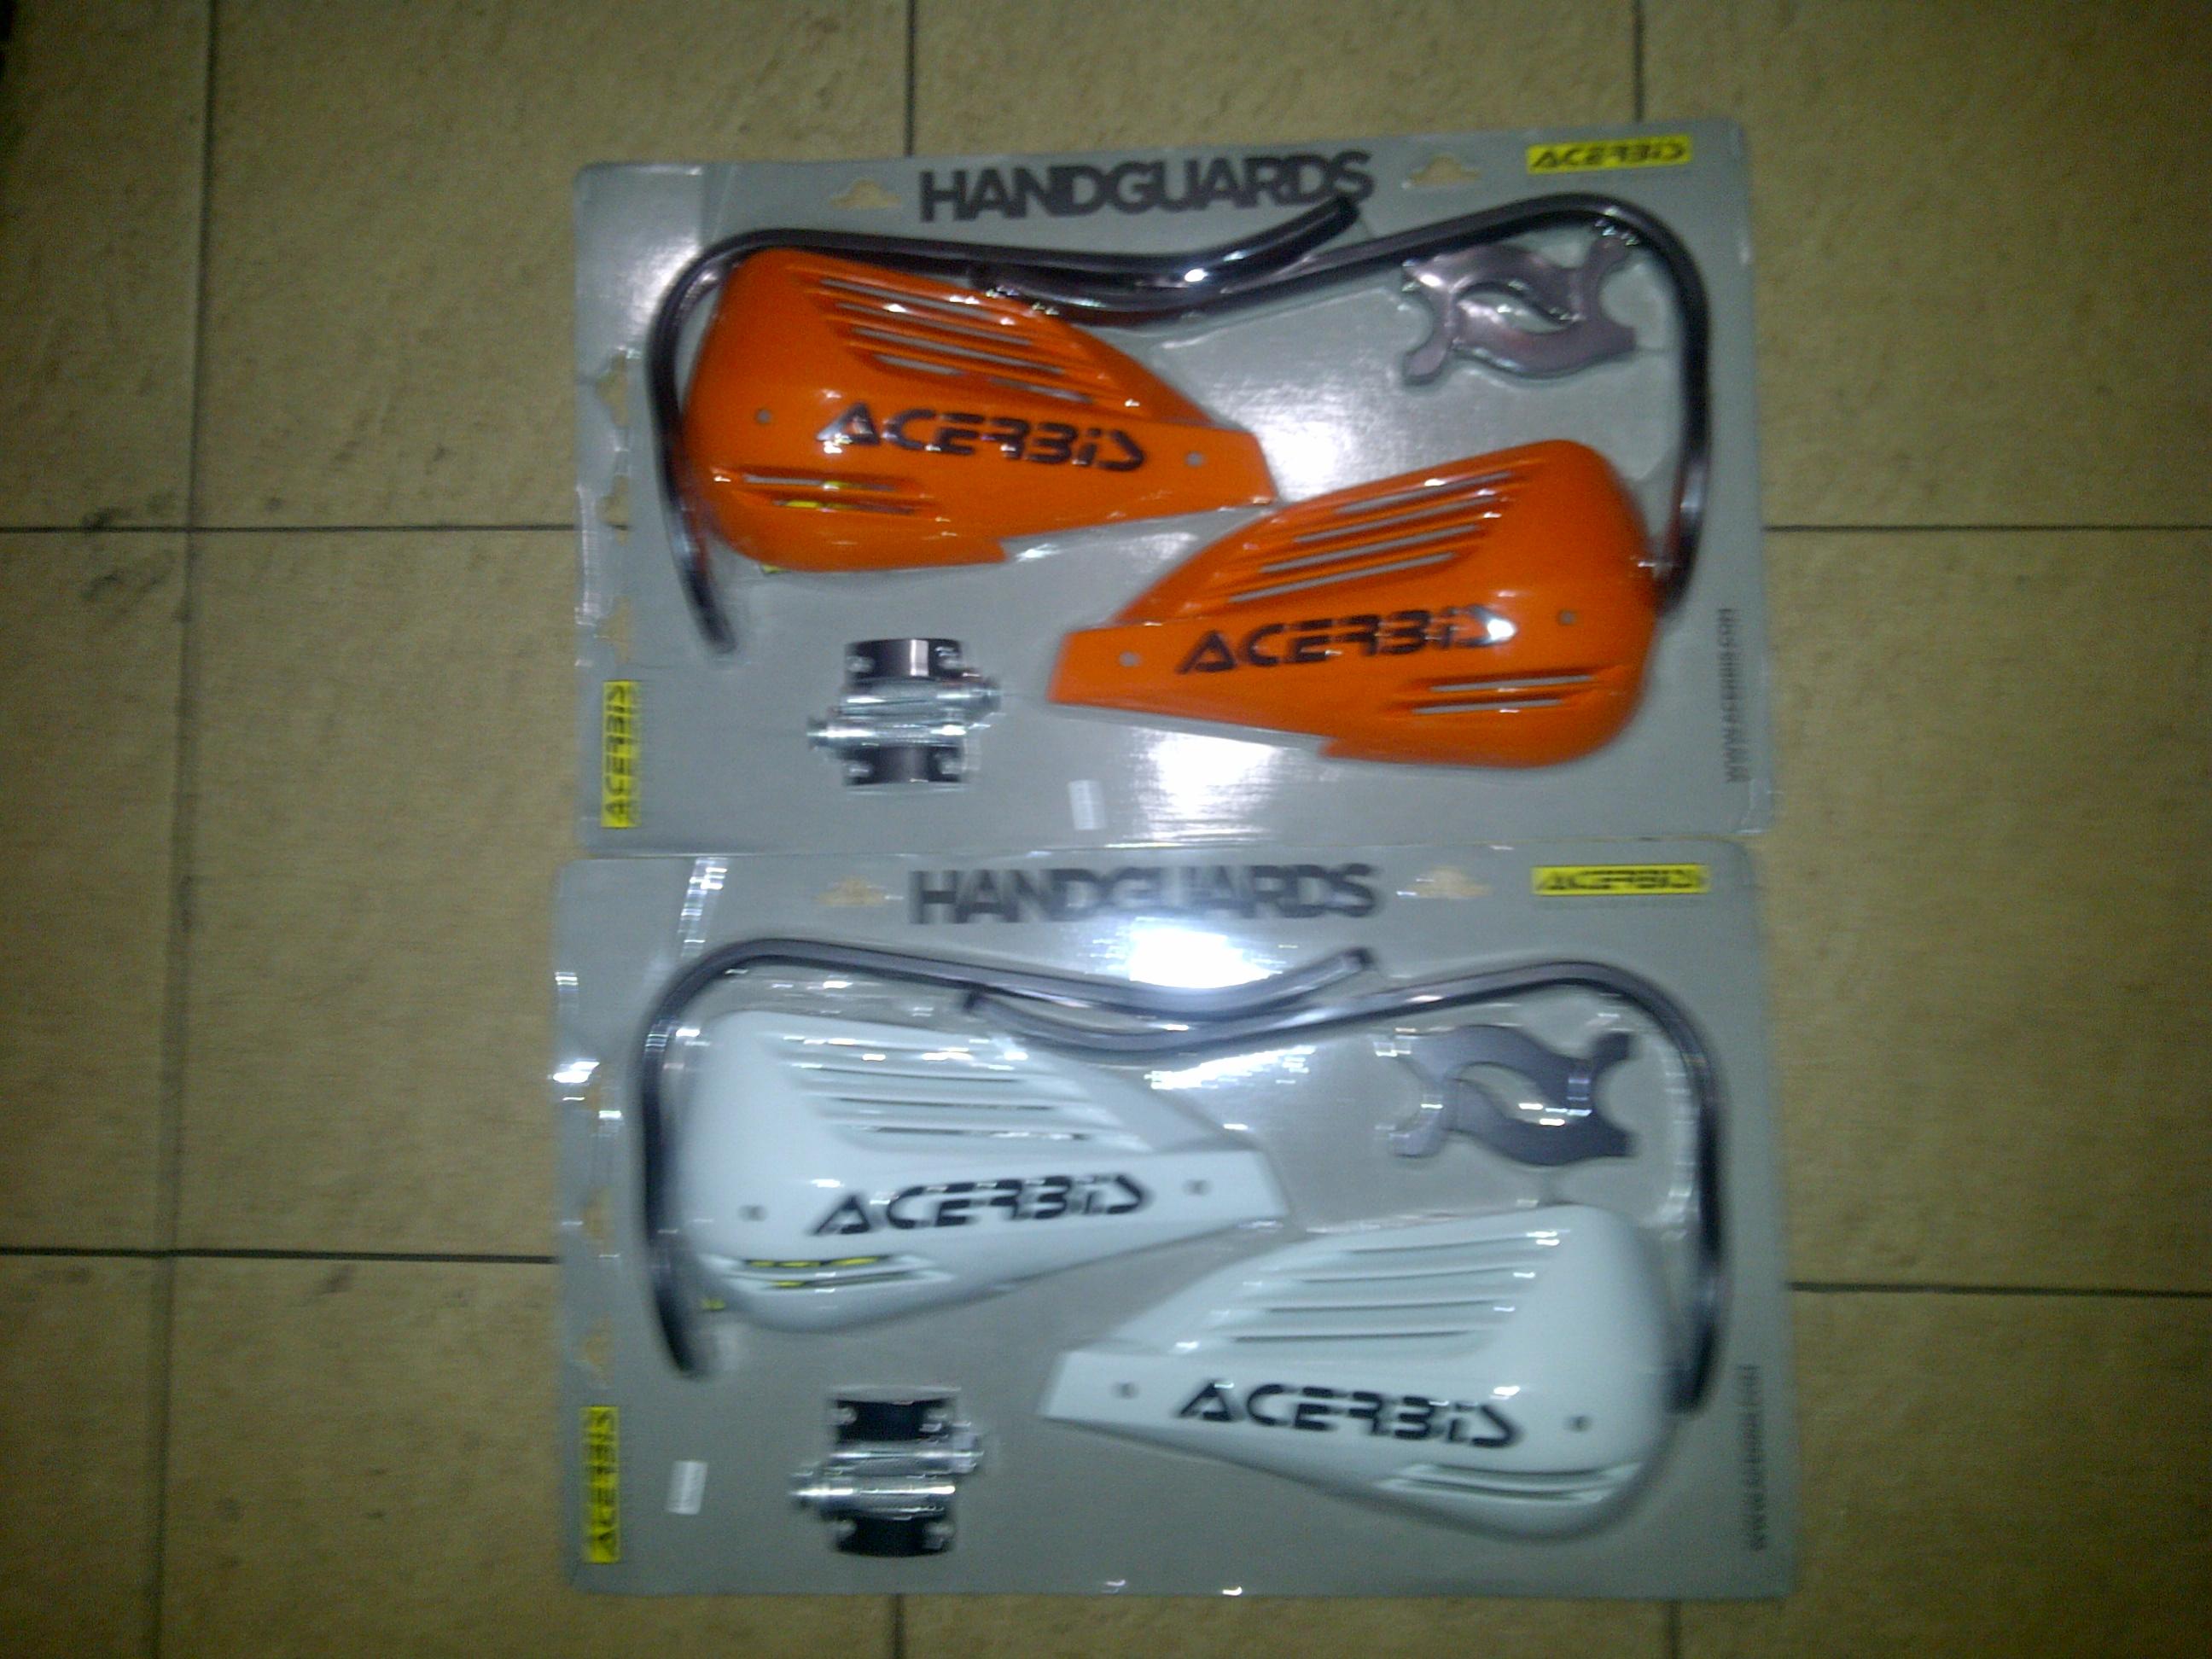 Kebon Jeruk 20130830 00687 Jual handguard merk acerbis untuk semua motor trail